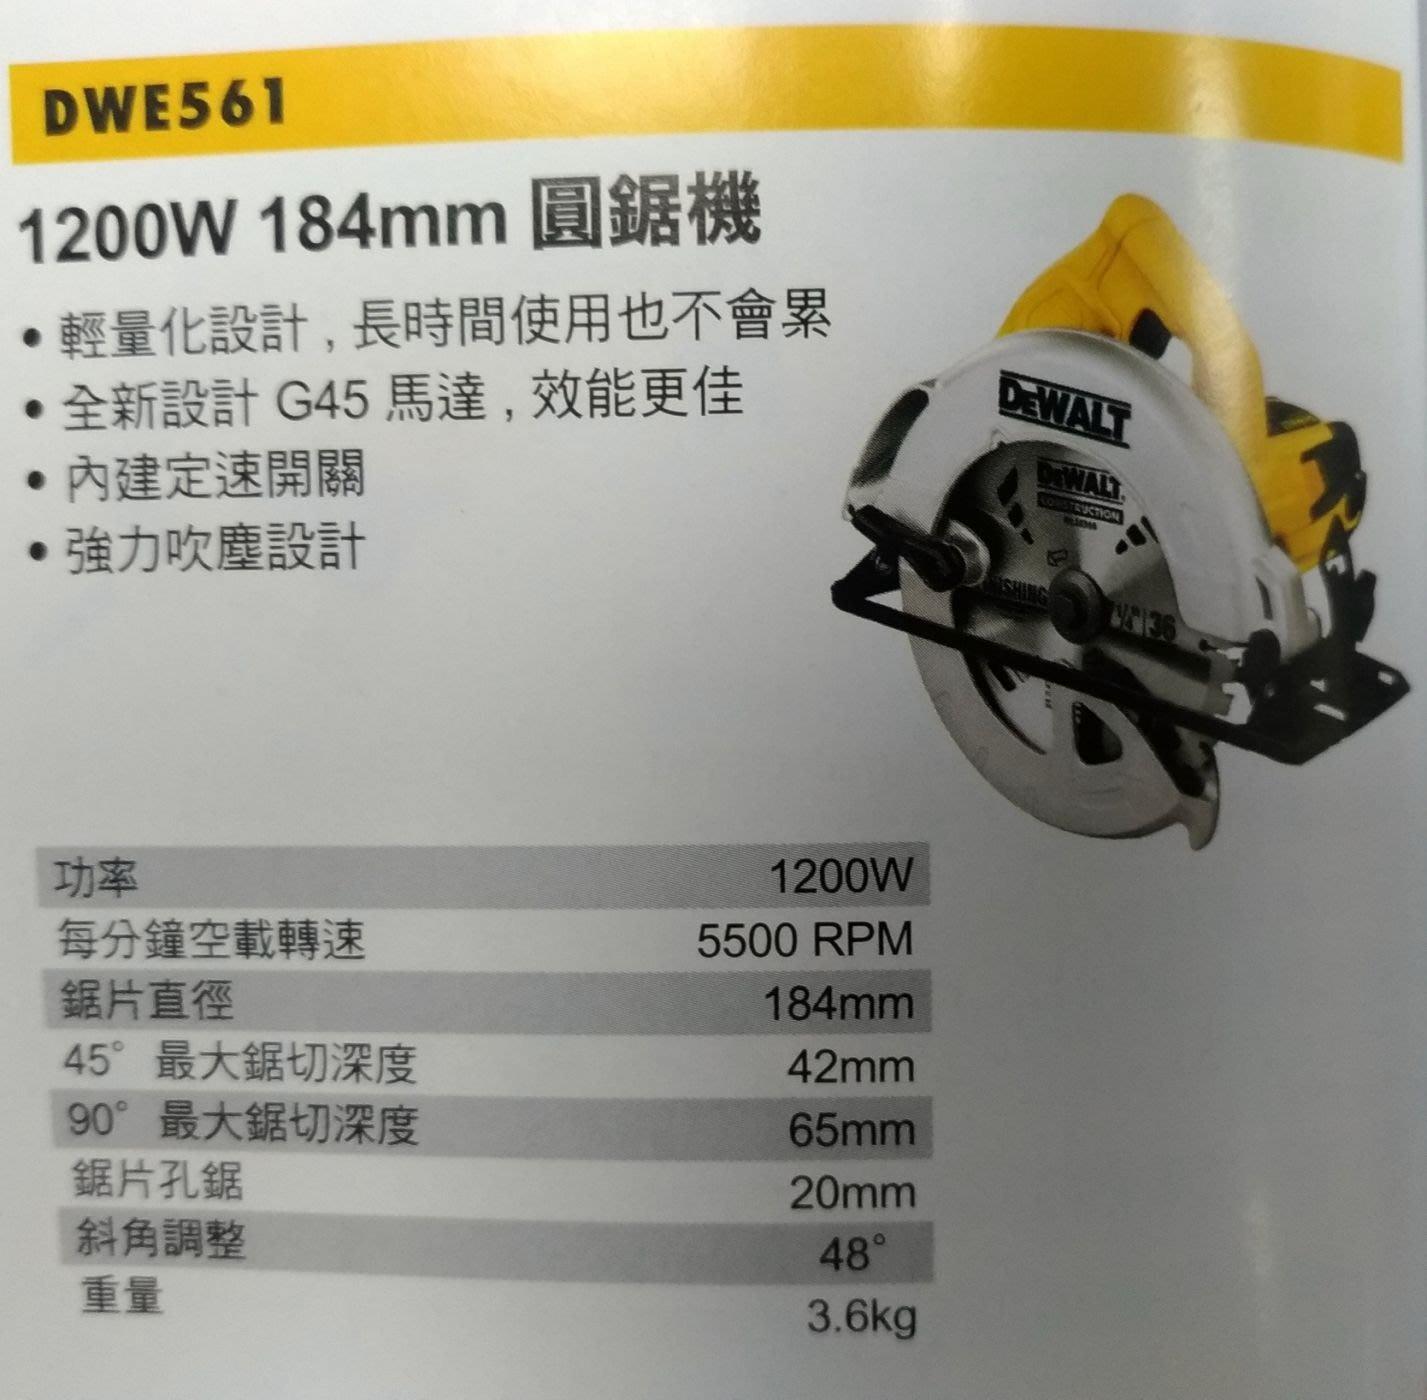 [CK五金小舖] 美國 得偉 DEWALT 1200W 184mm 圓鋸機 DWE561